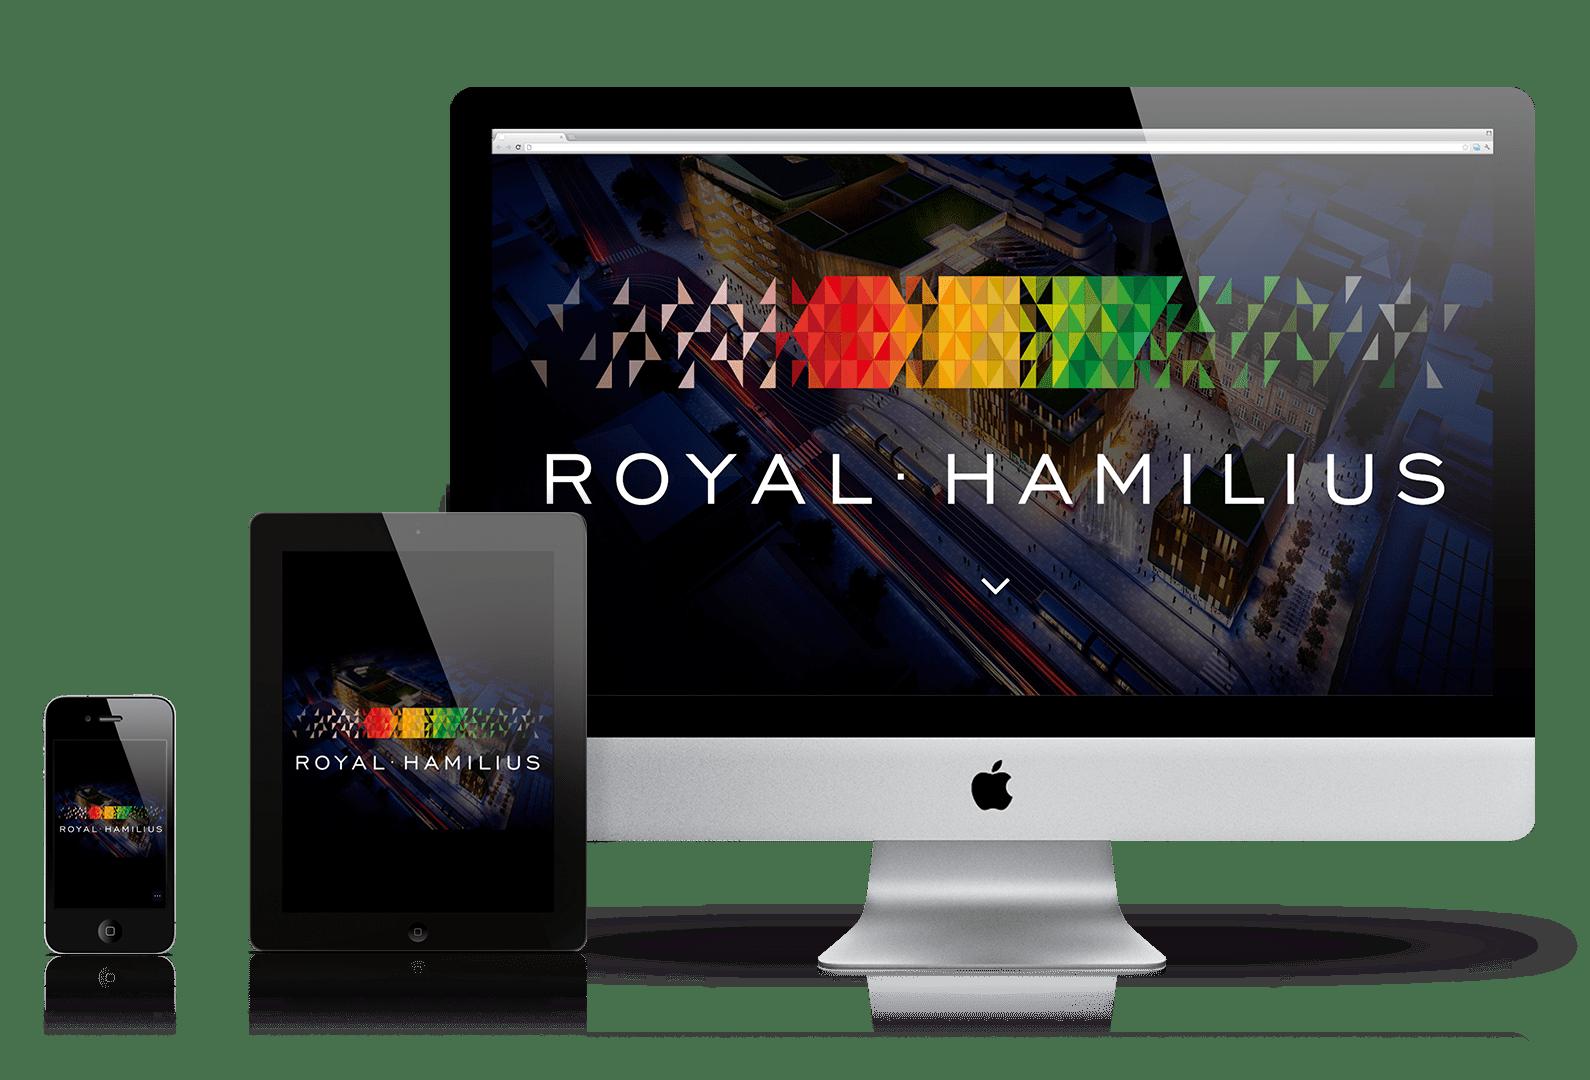 Royal-hamilius